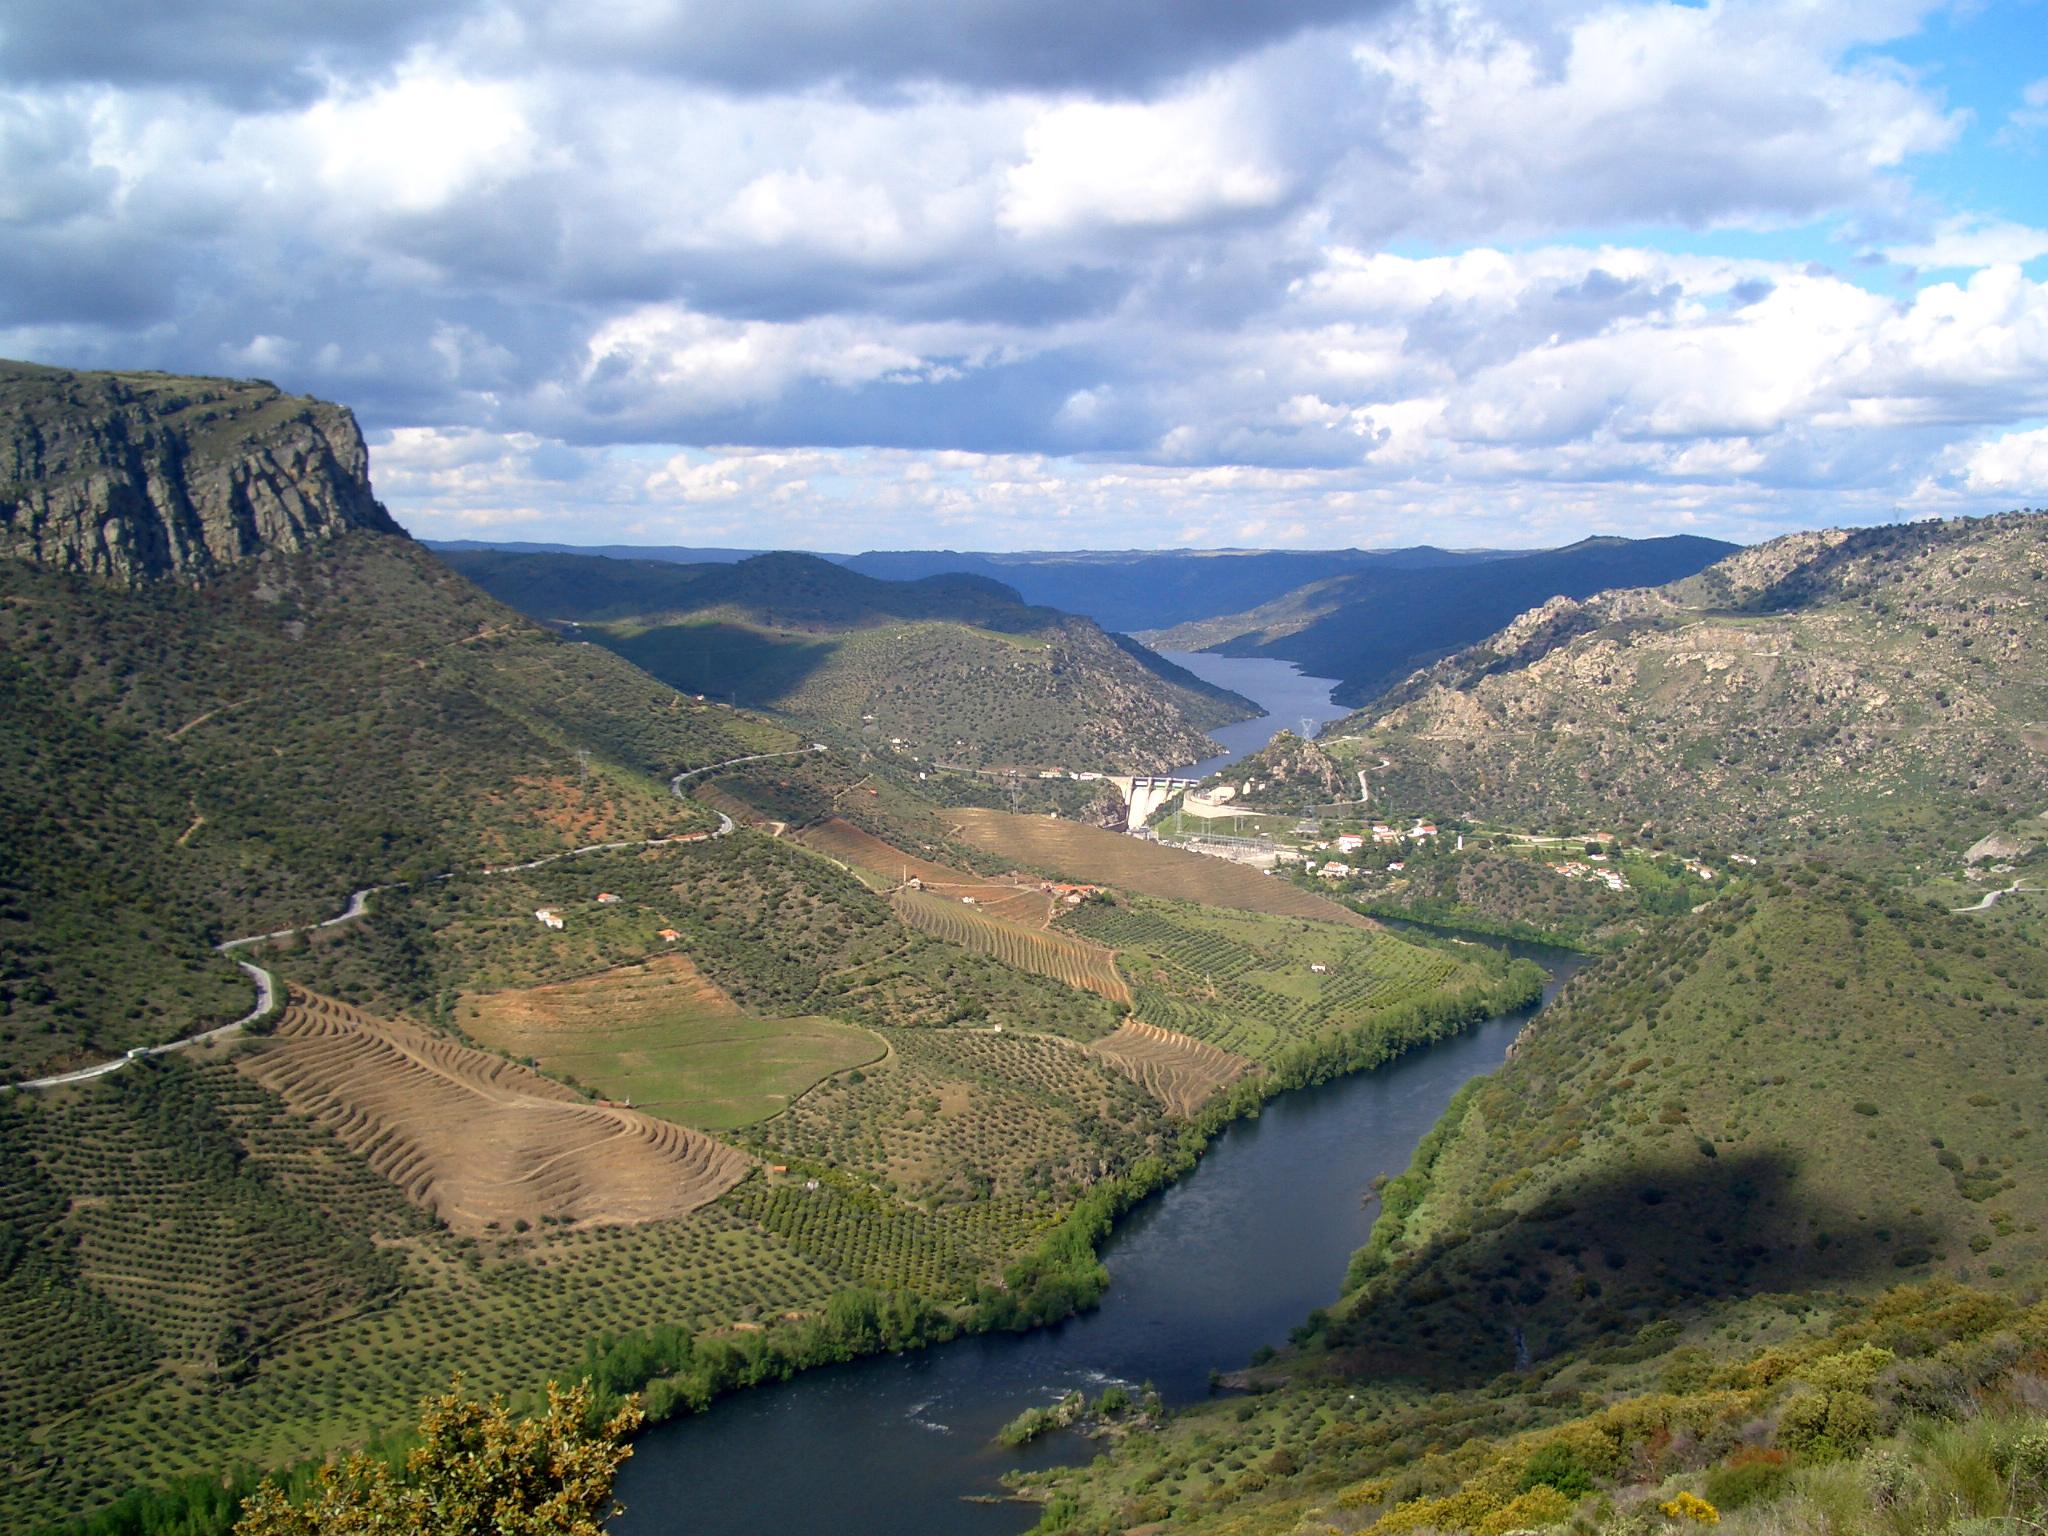 Peña de la Vela